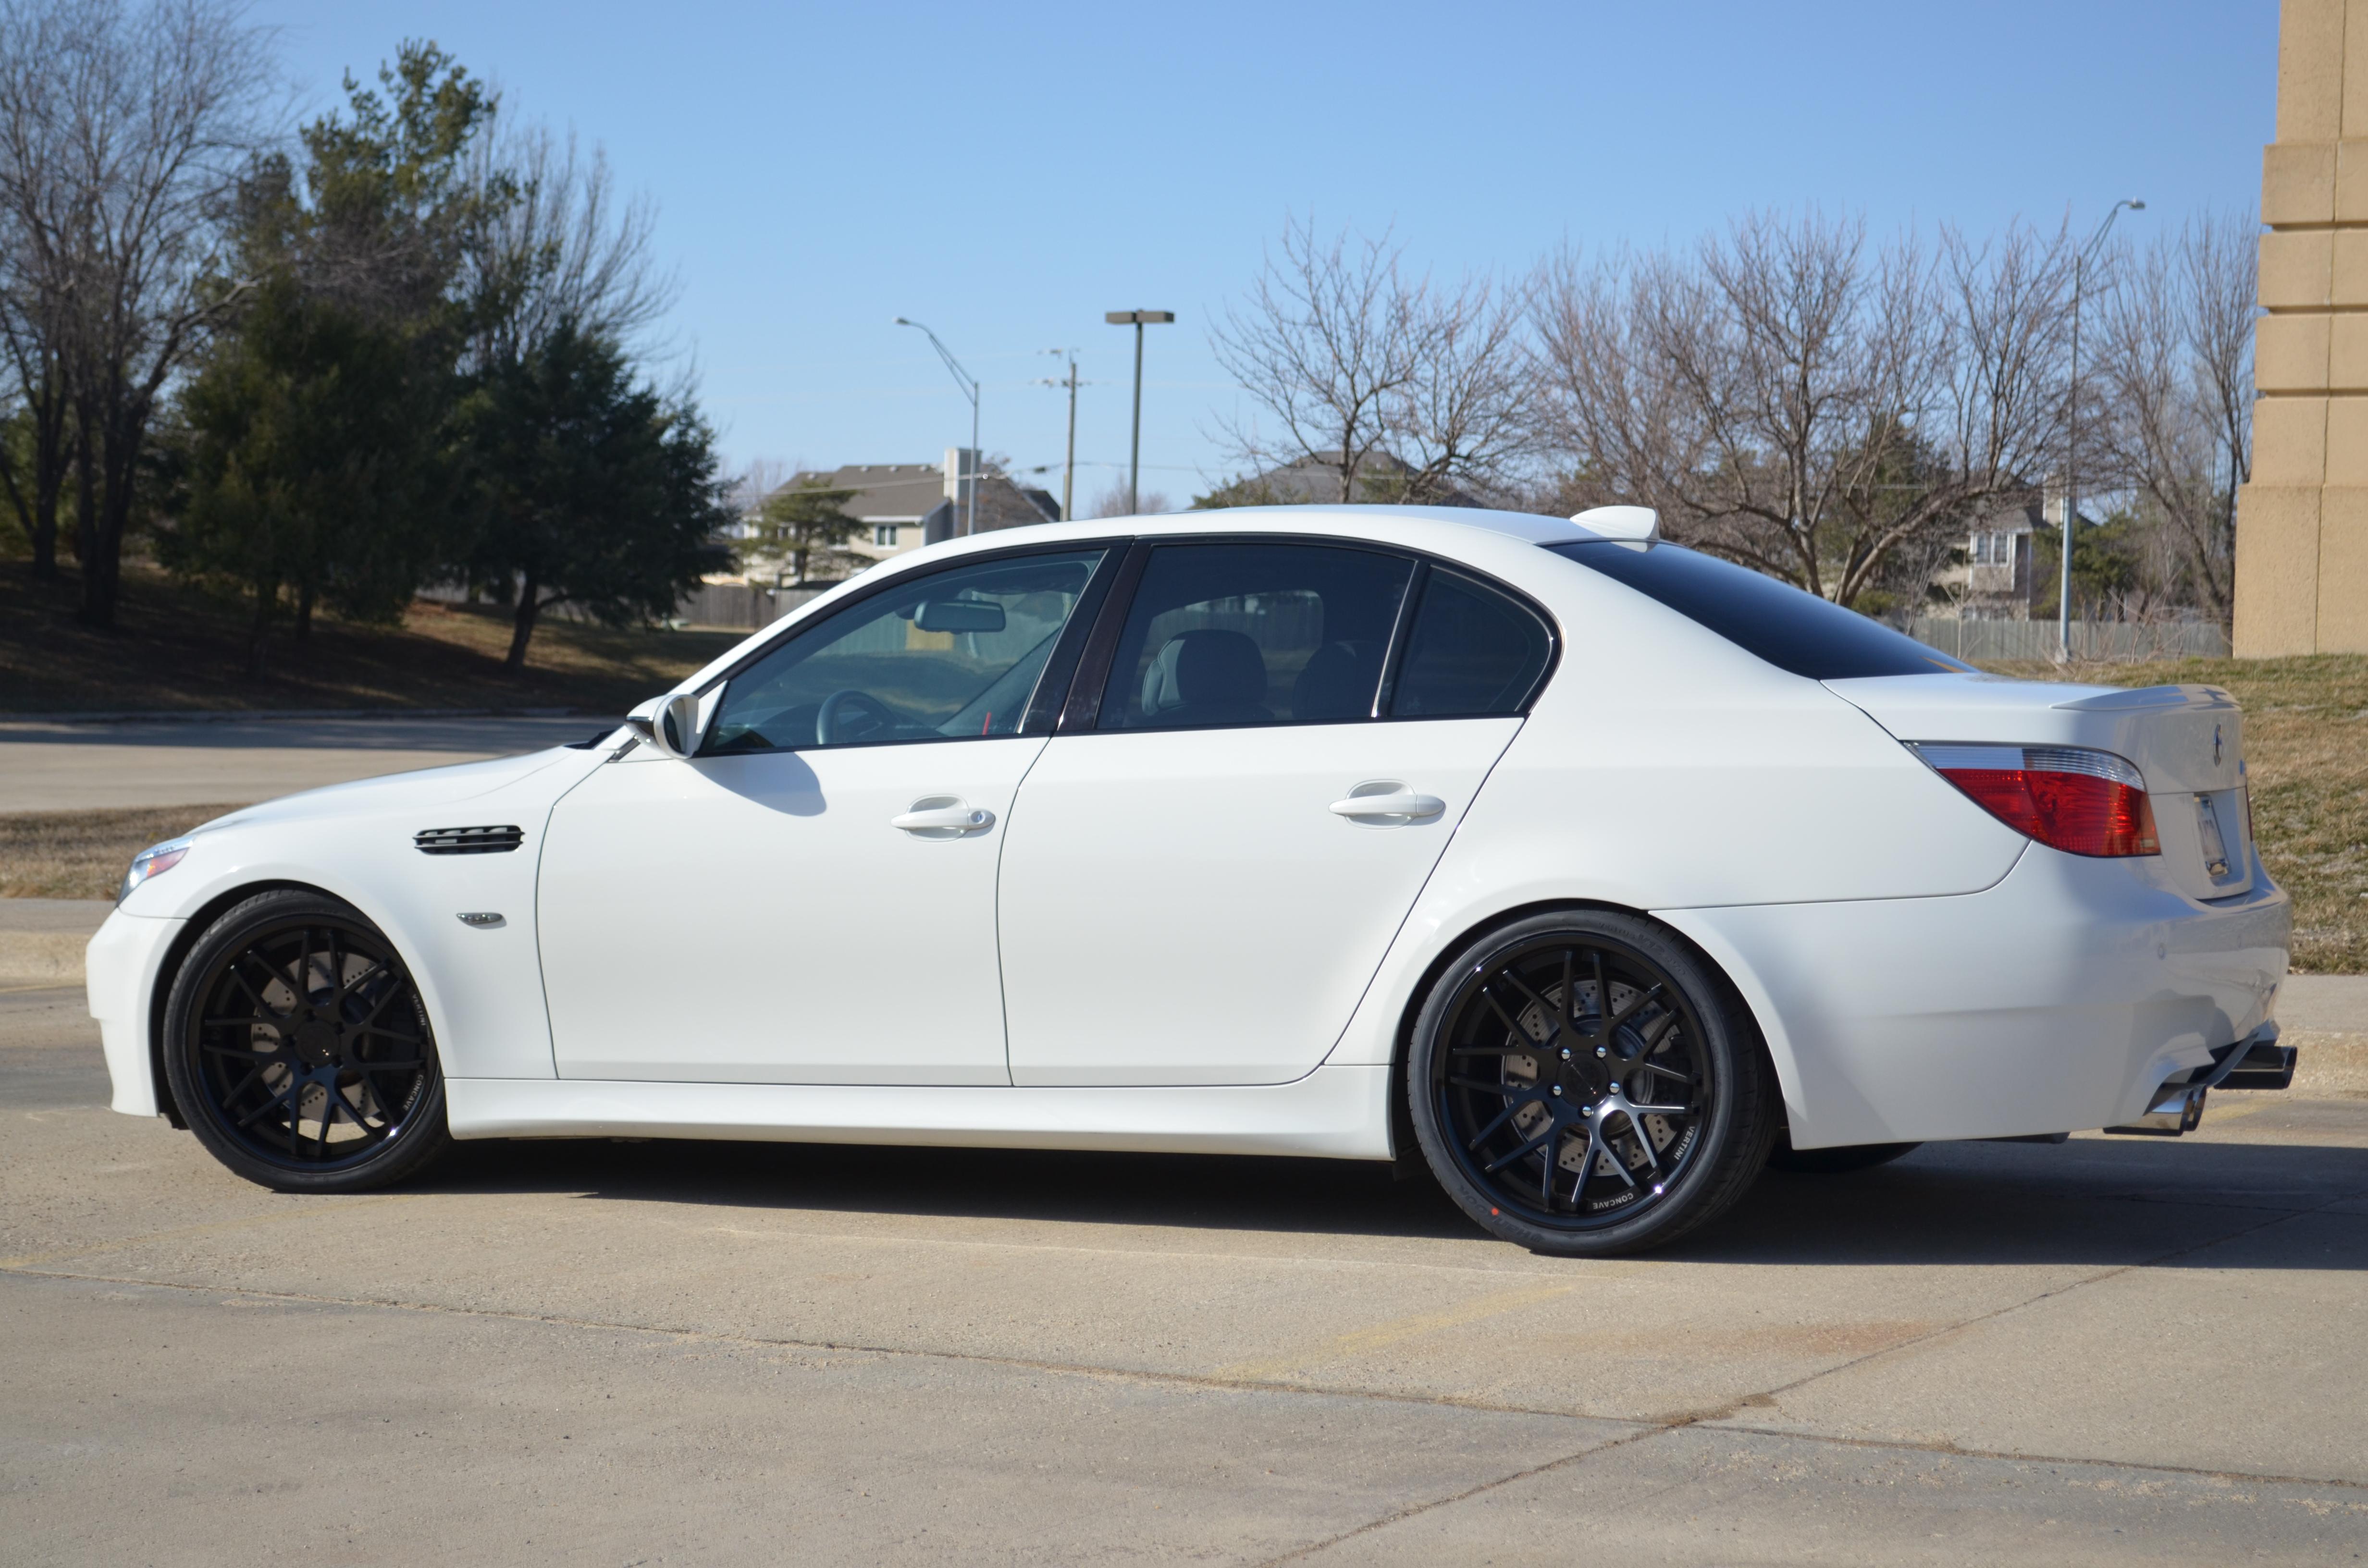 E60 0310 For Sale 2006 M5 Alpine White For Sale  BMW M5 Forum